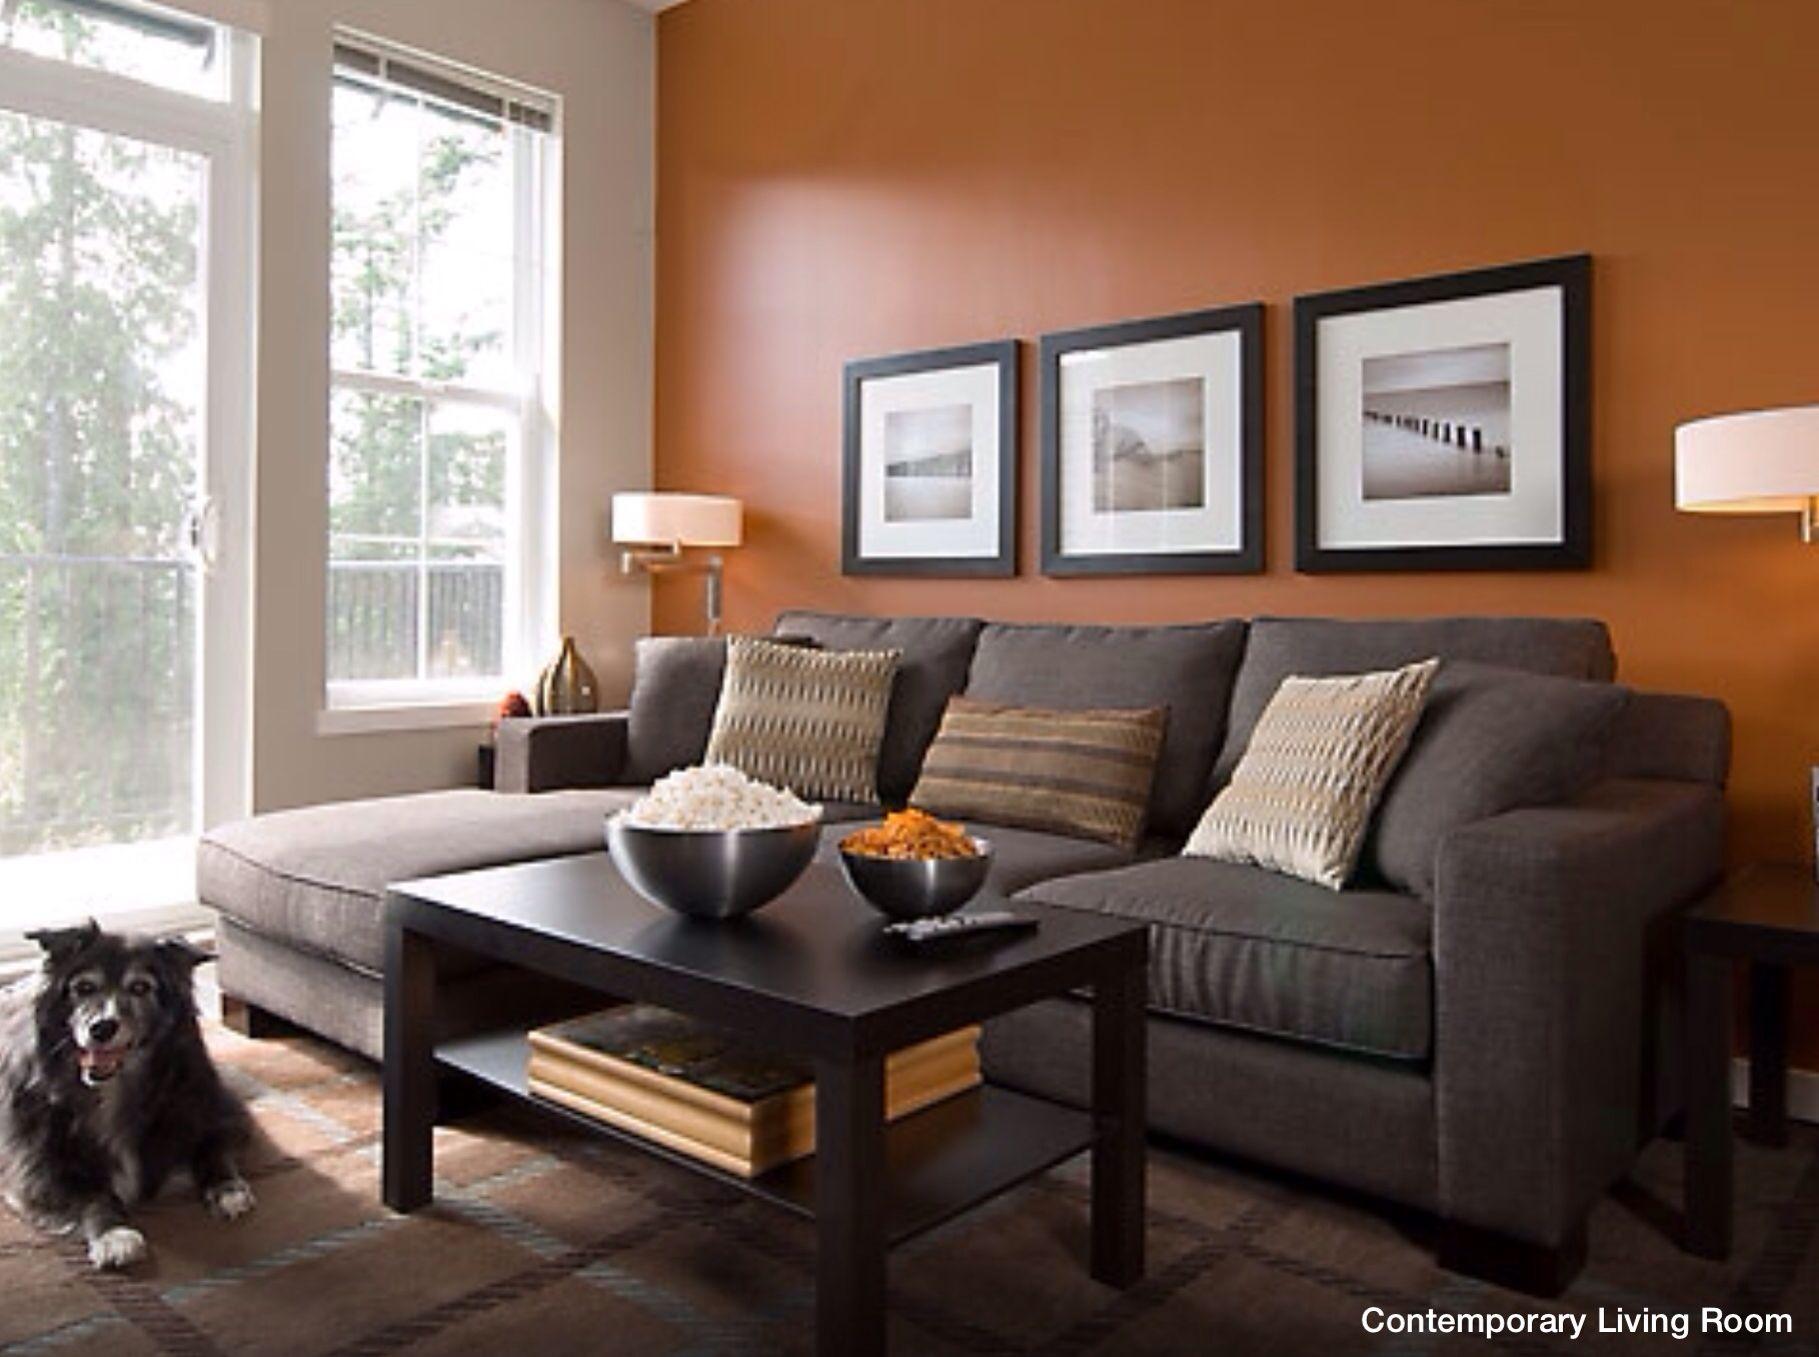 Wall Accent Color Burnt Orange Living Room Orange Living Room